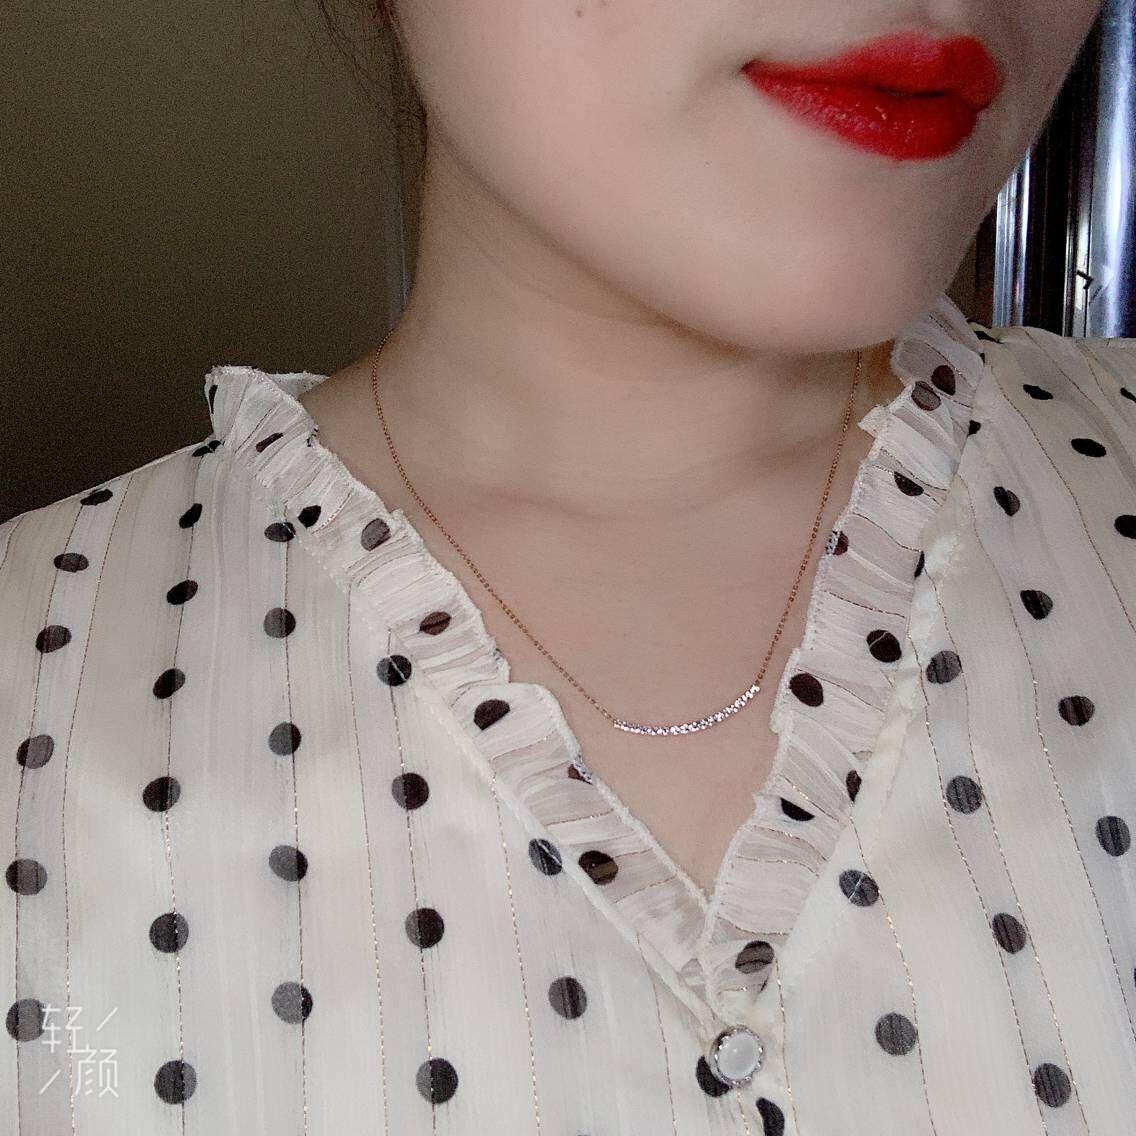 寸可调节1816金双面笑脸项链18K小俊香港六福珠宝